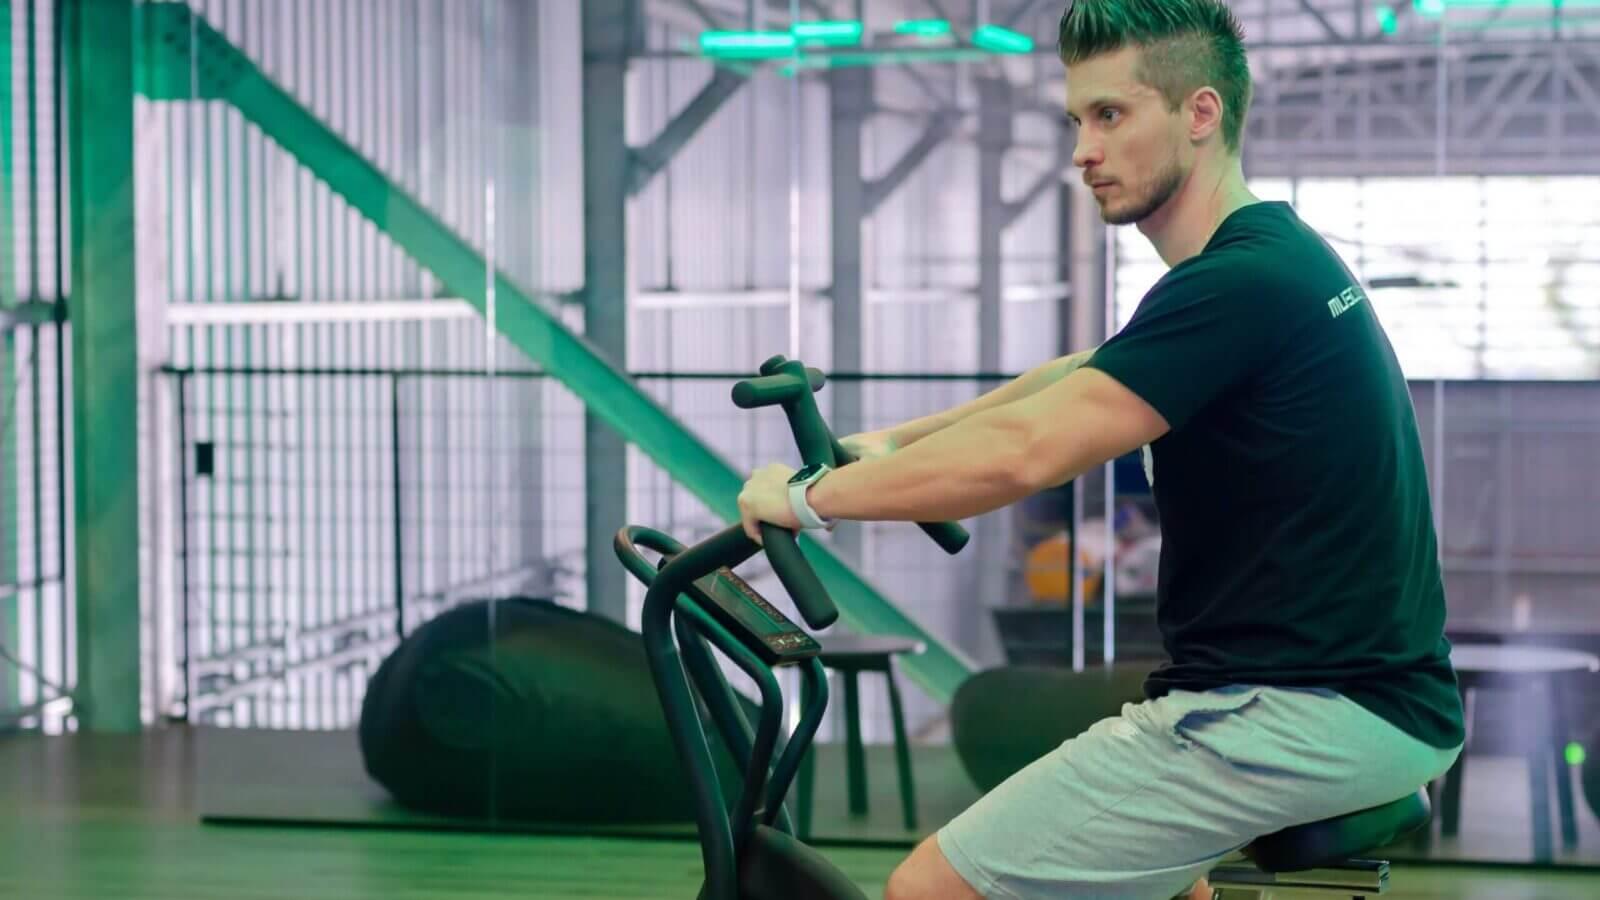 Trening na maszynie fitness dla średniozaawansowanych